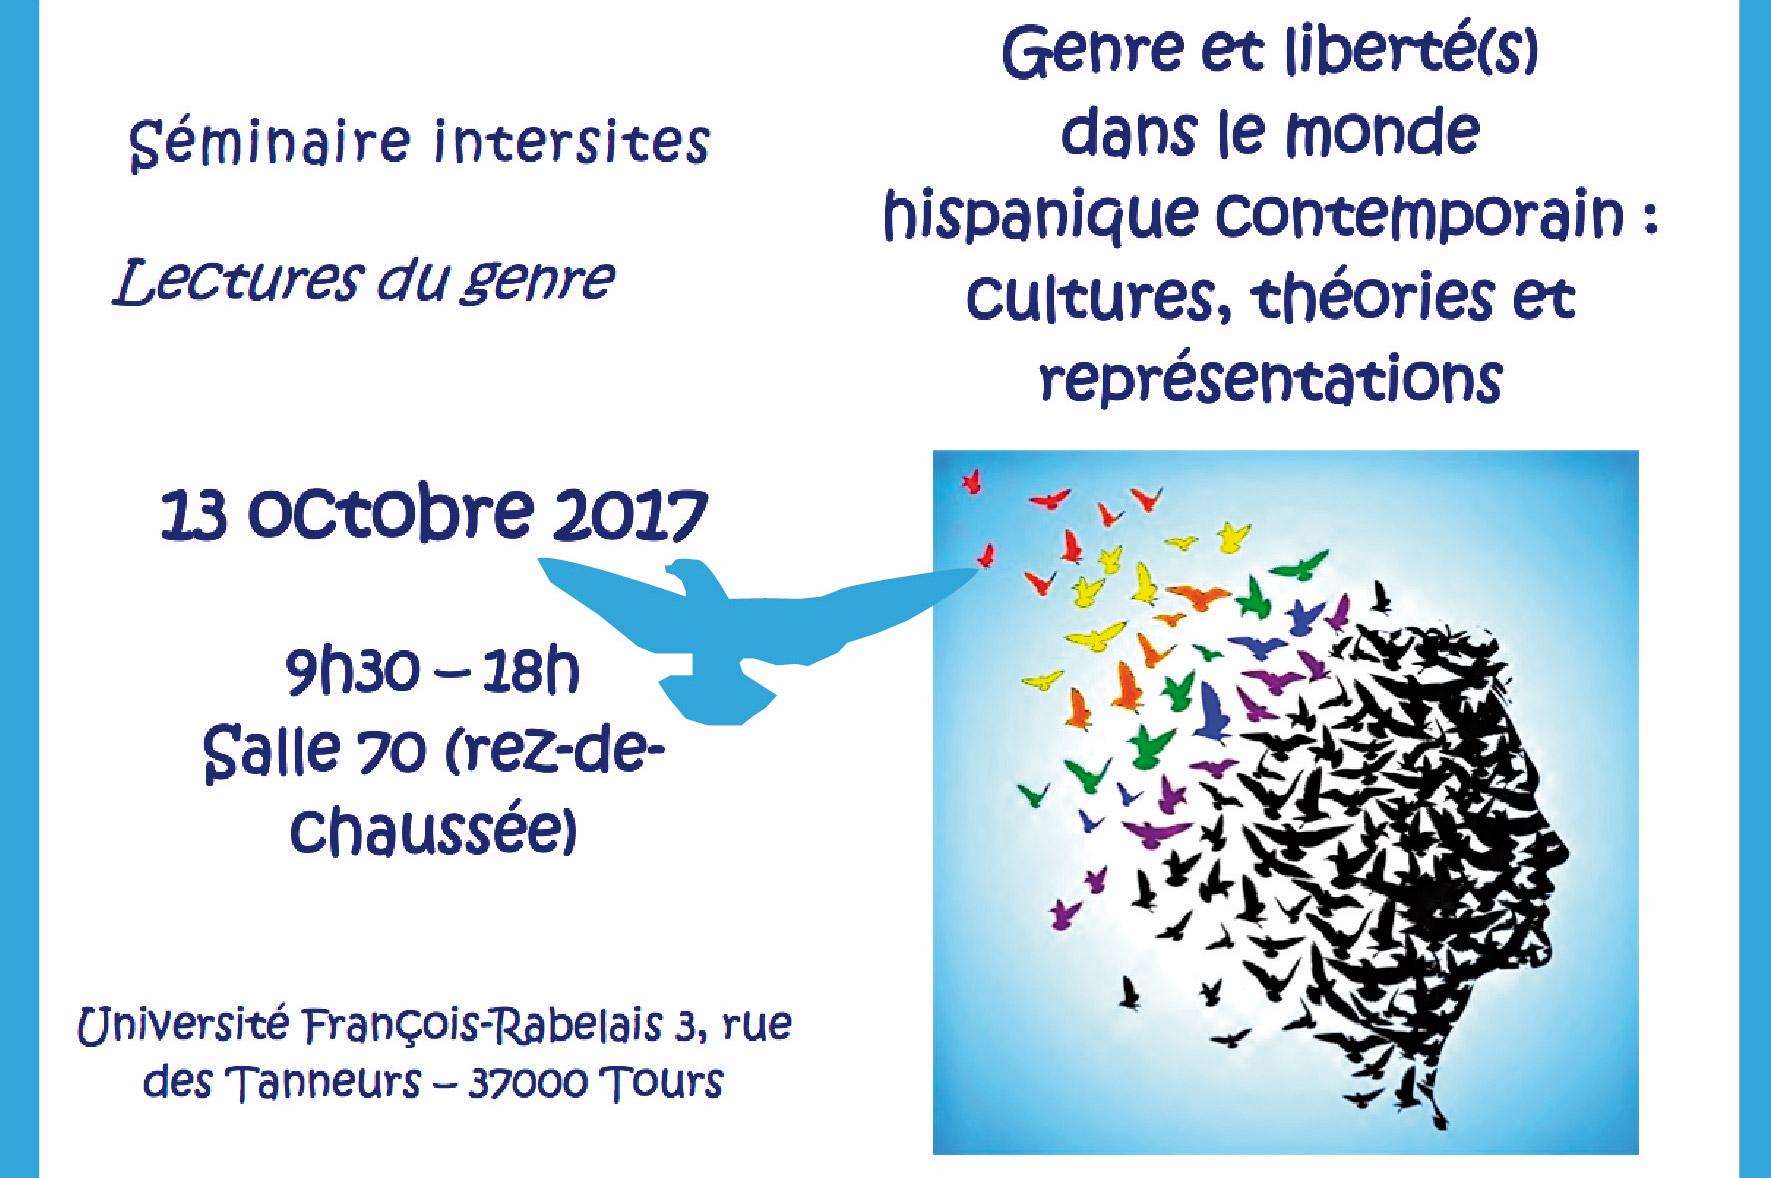 Viseul icone_Genre et liberté(s) dans le monde hispanique.jpg